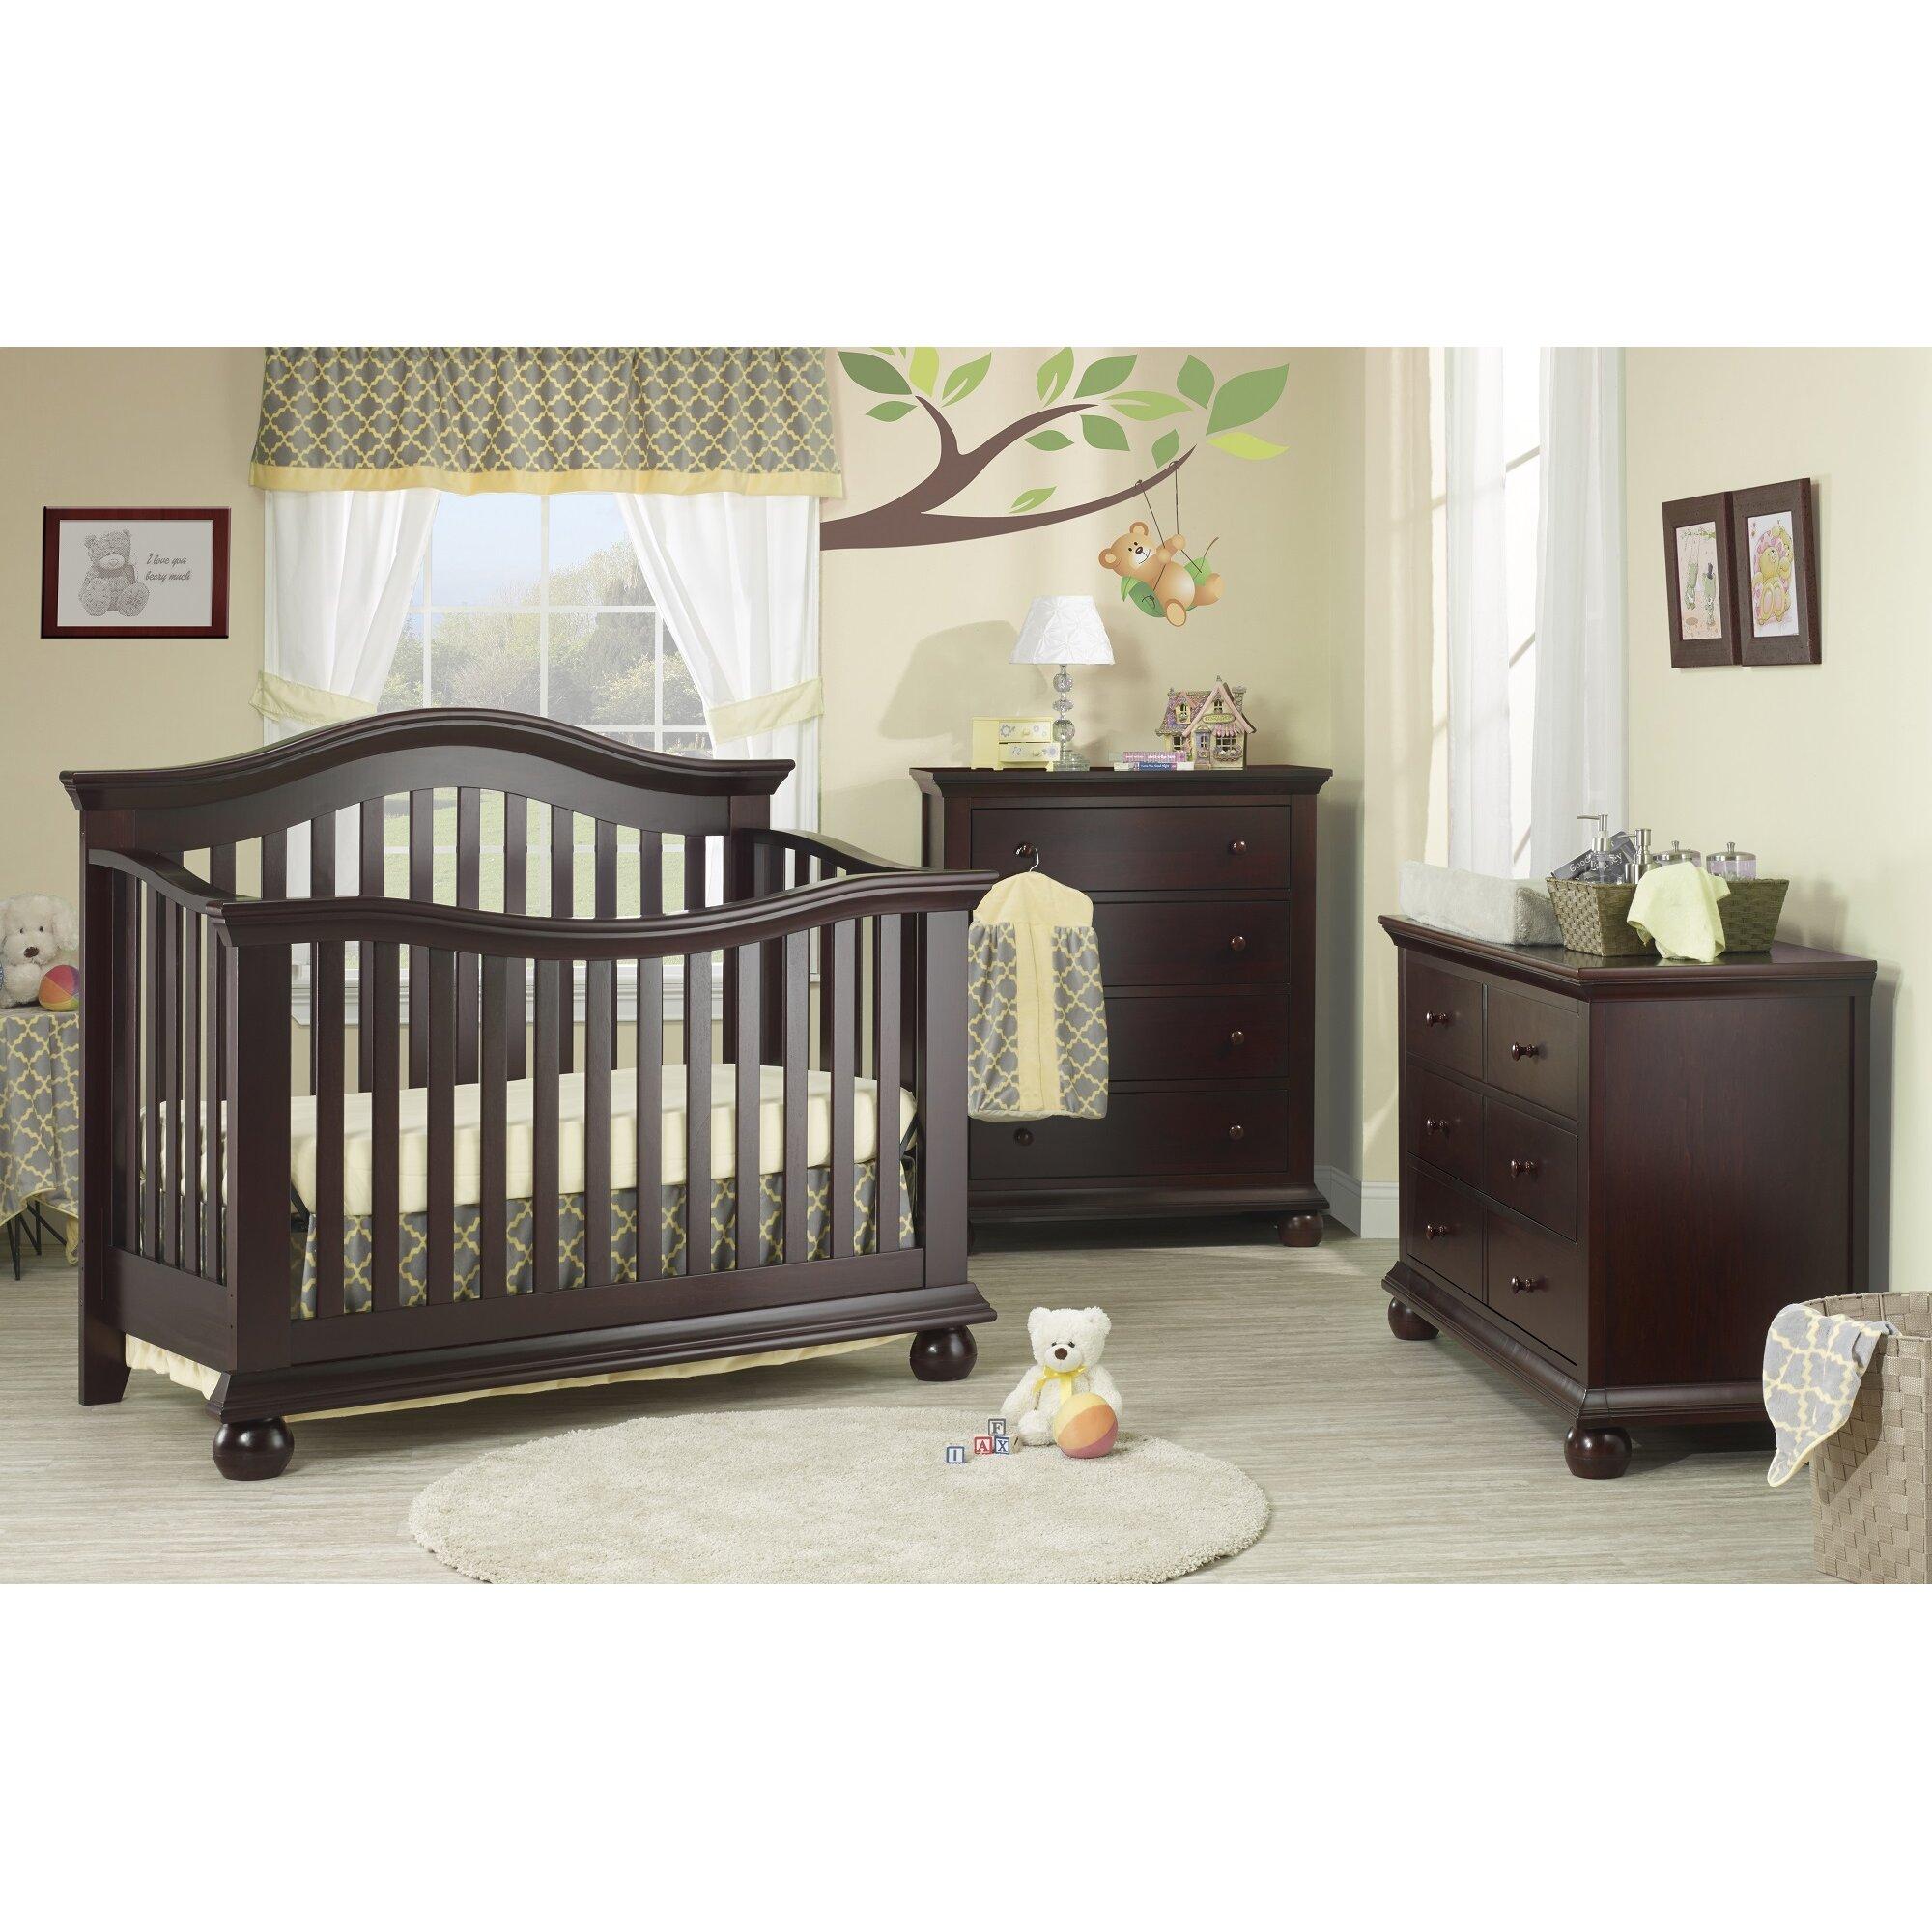 Baby cribs staten island - Sorelle Vista Couture 3 In 1 Convertible Crib